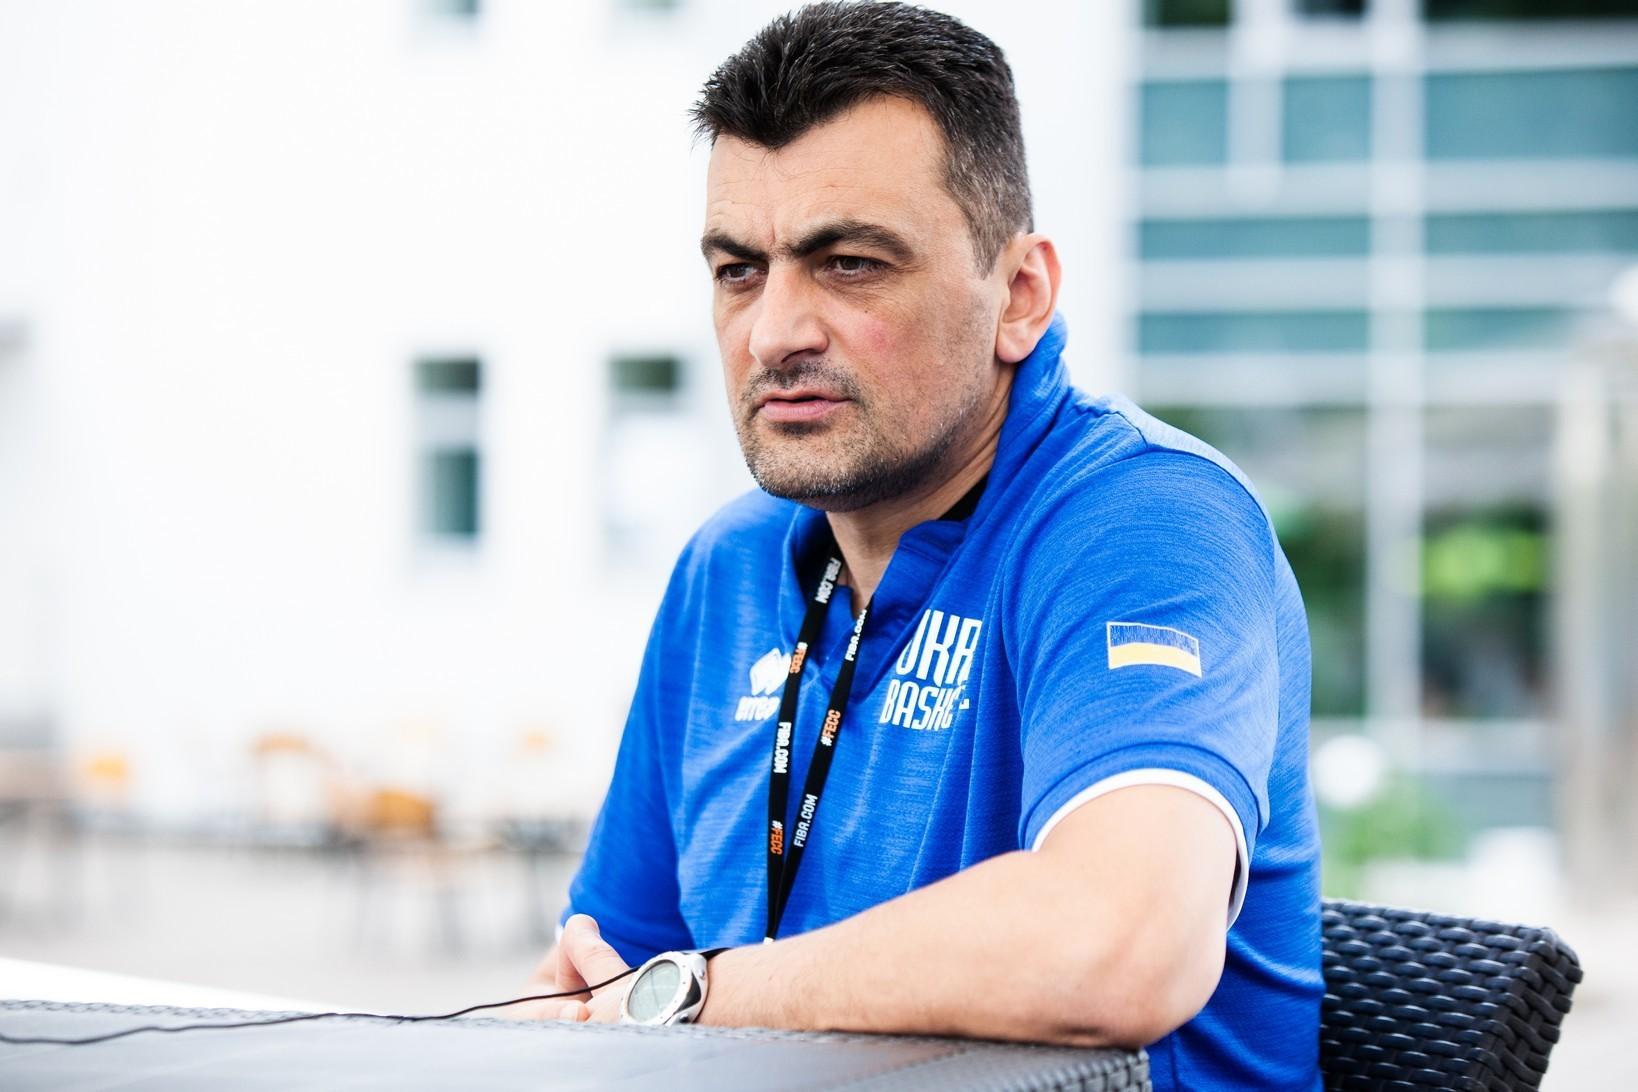 Збірна України перетнула екватор підготовки до Євро. Горан Бошковіч підбиває проміжні підсумки